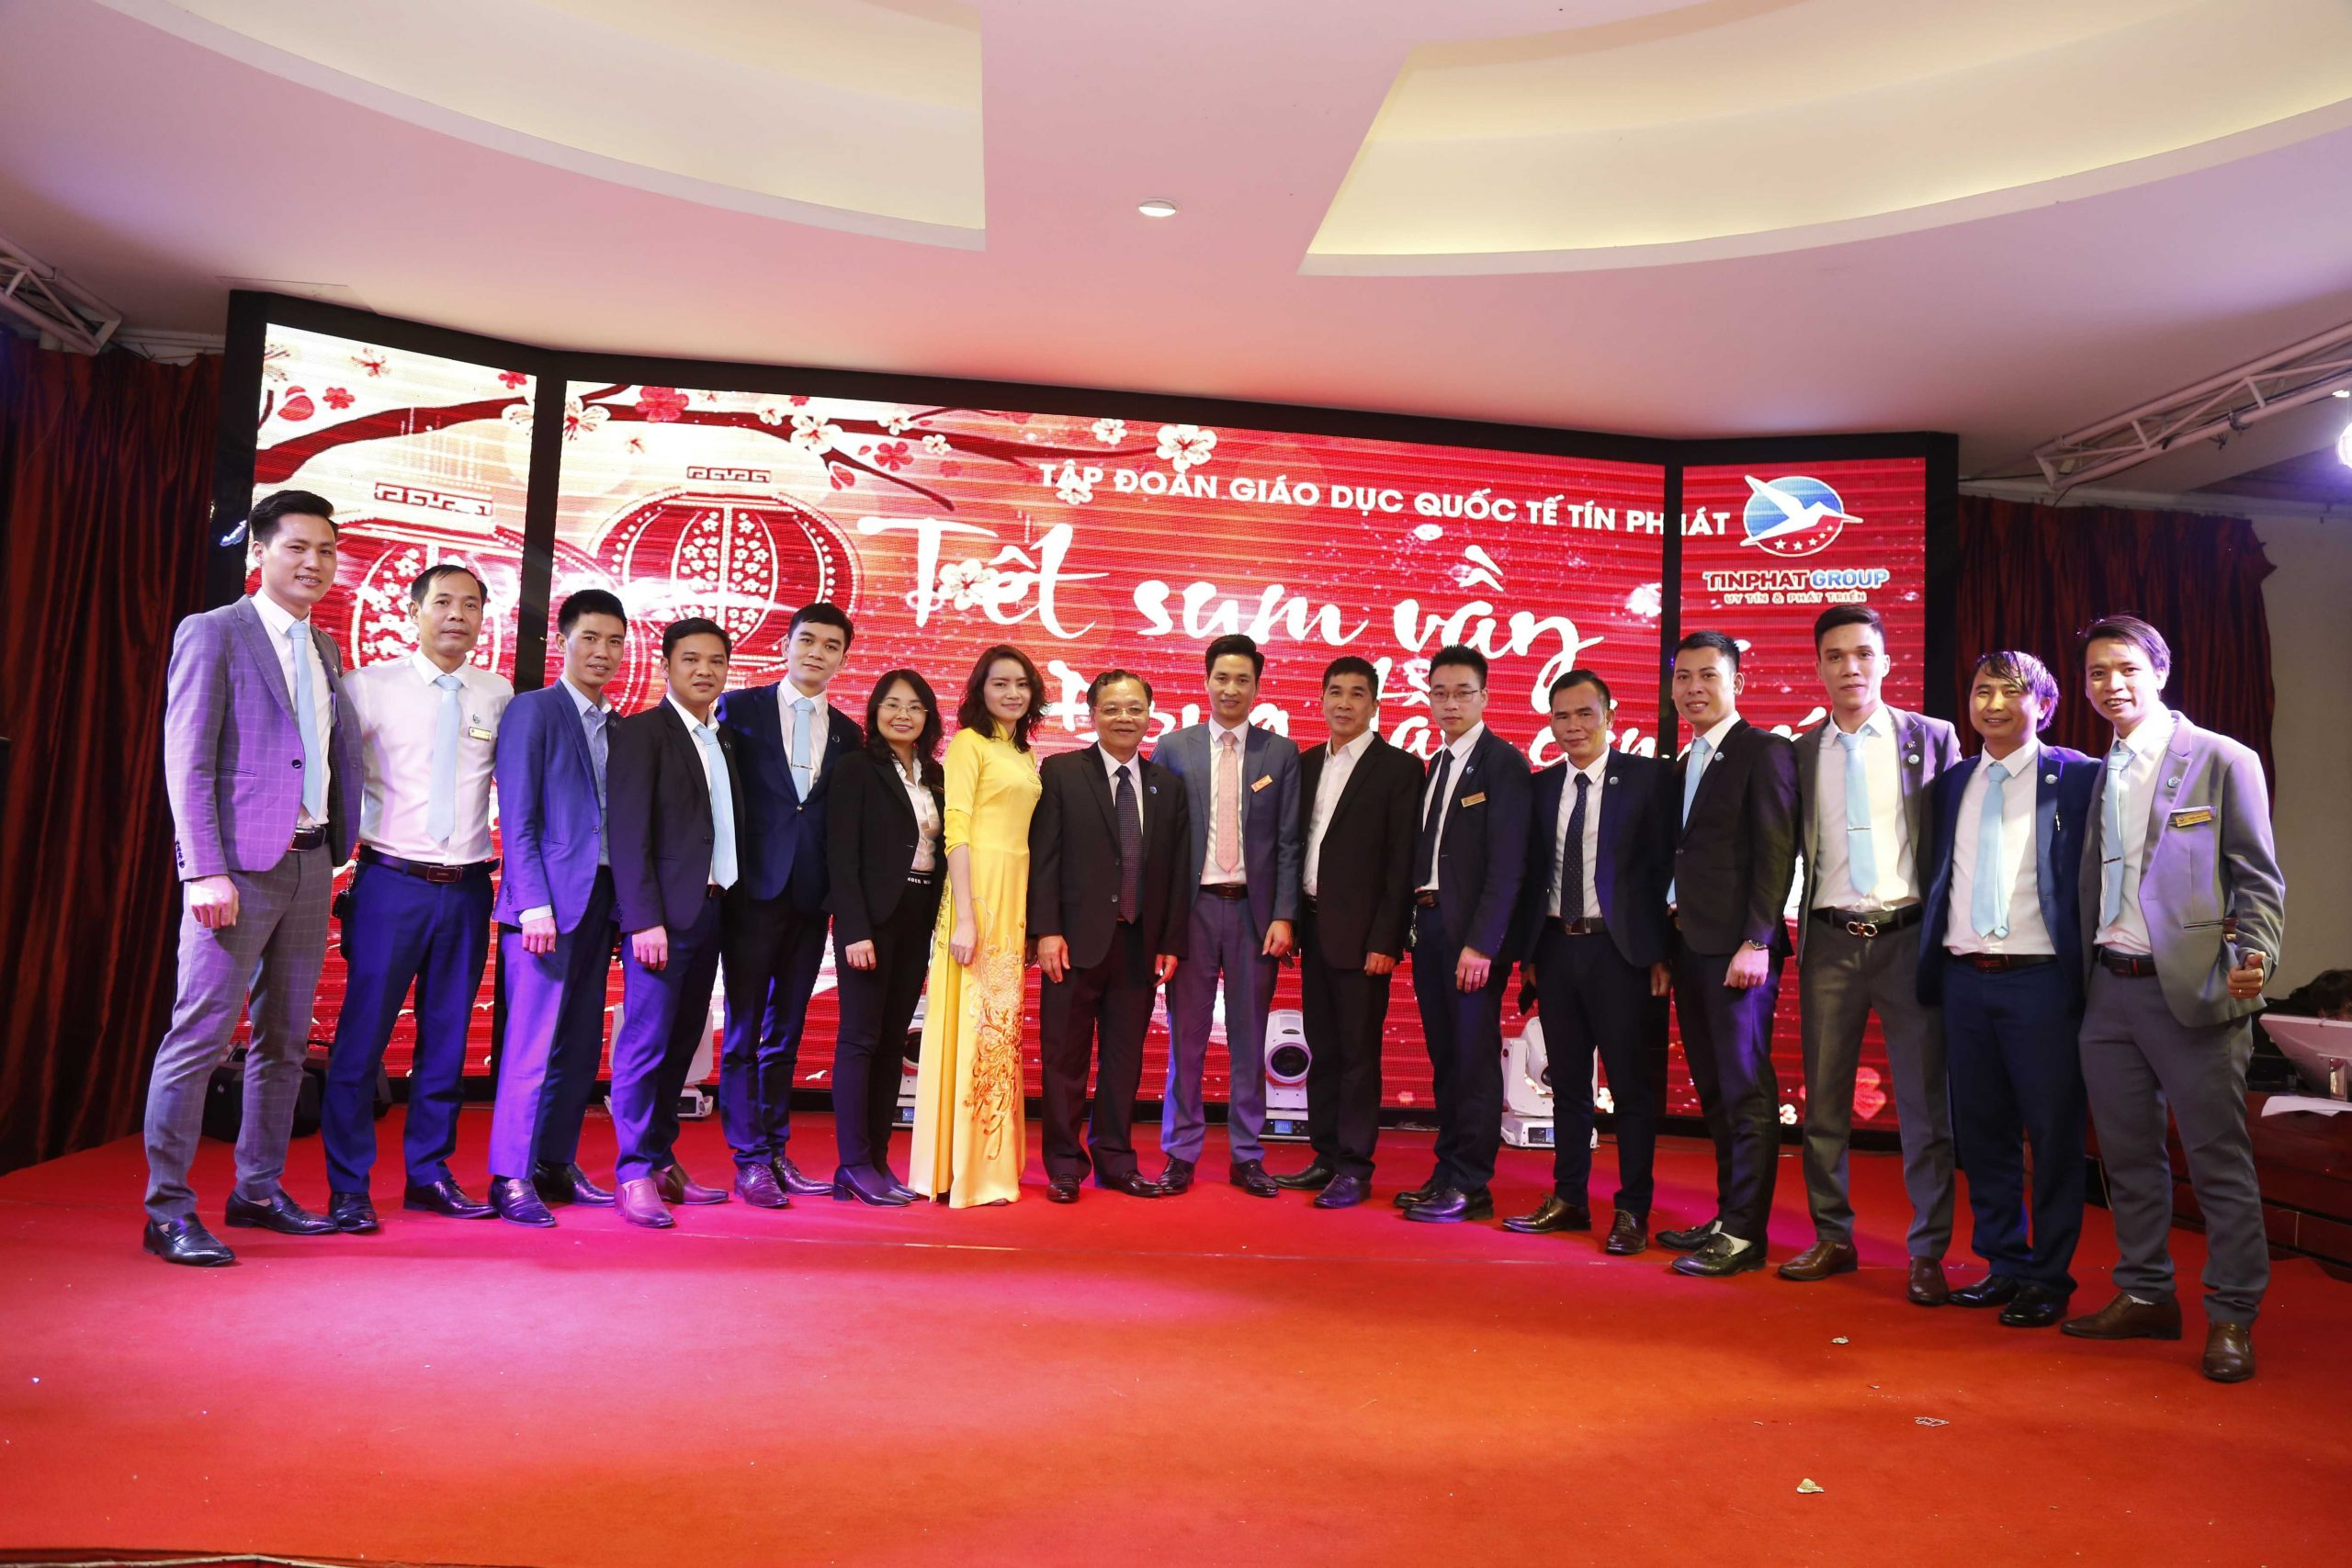 Tổng kết tất niên Tín Phat Group 17/01/2020